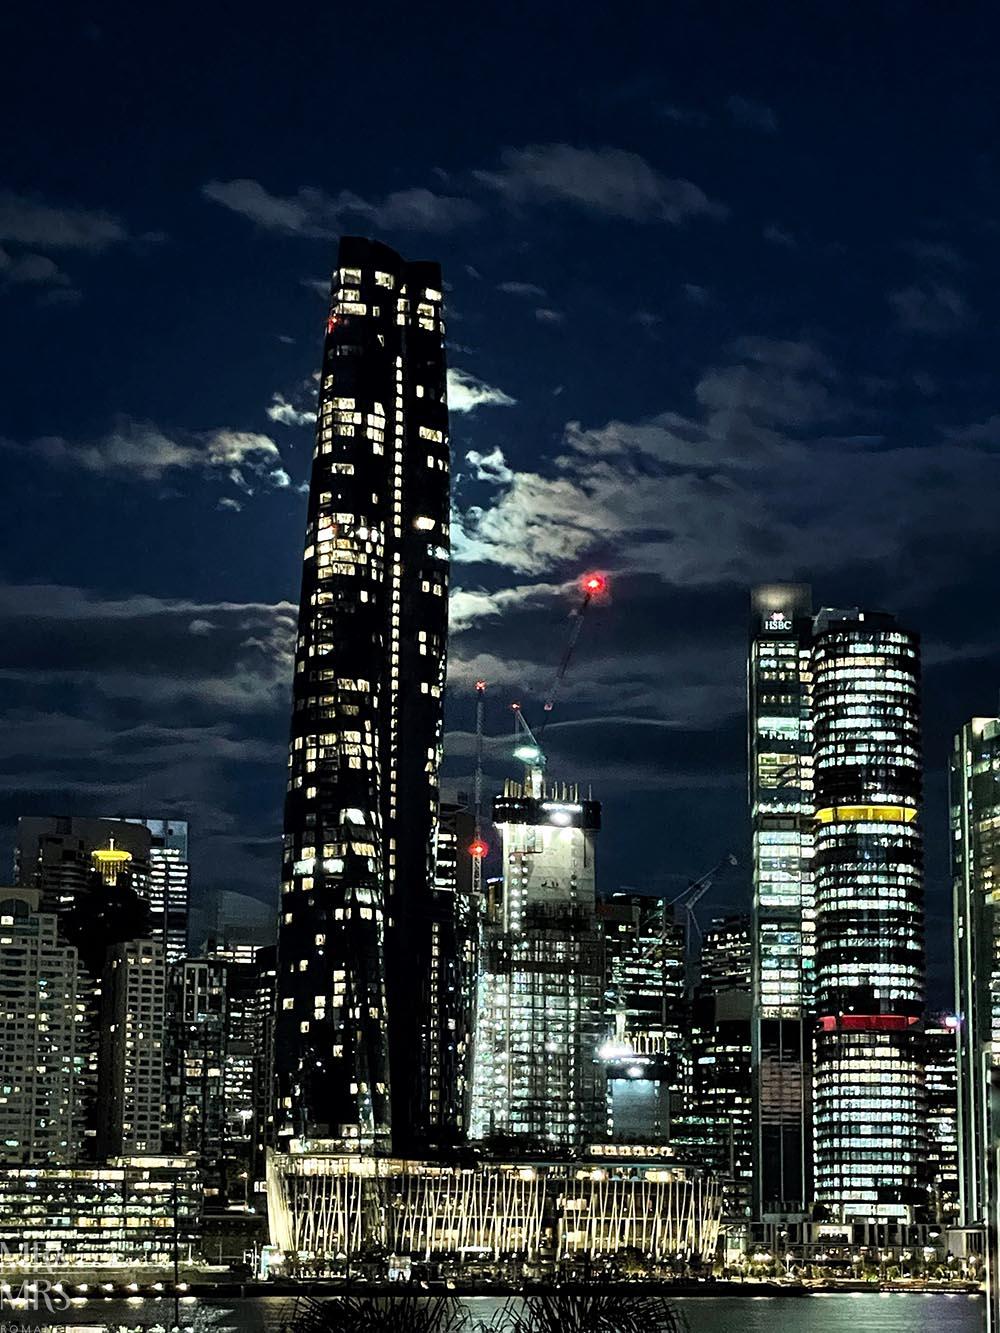 Sydney lockdown in moonlight